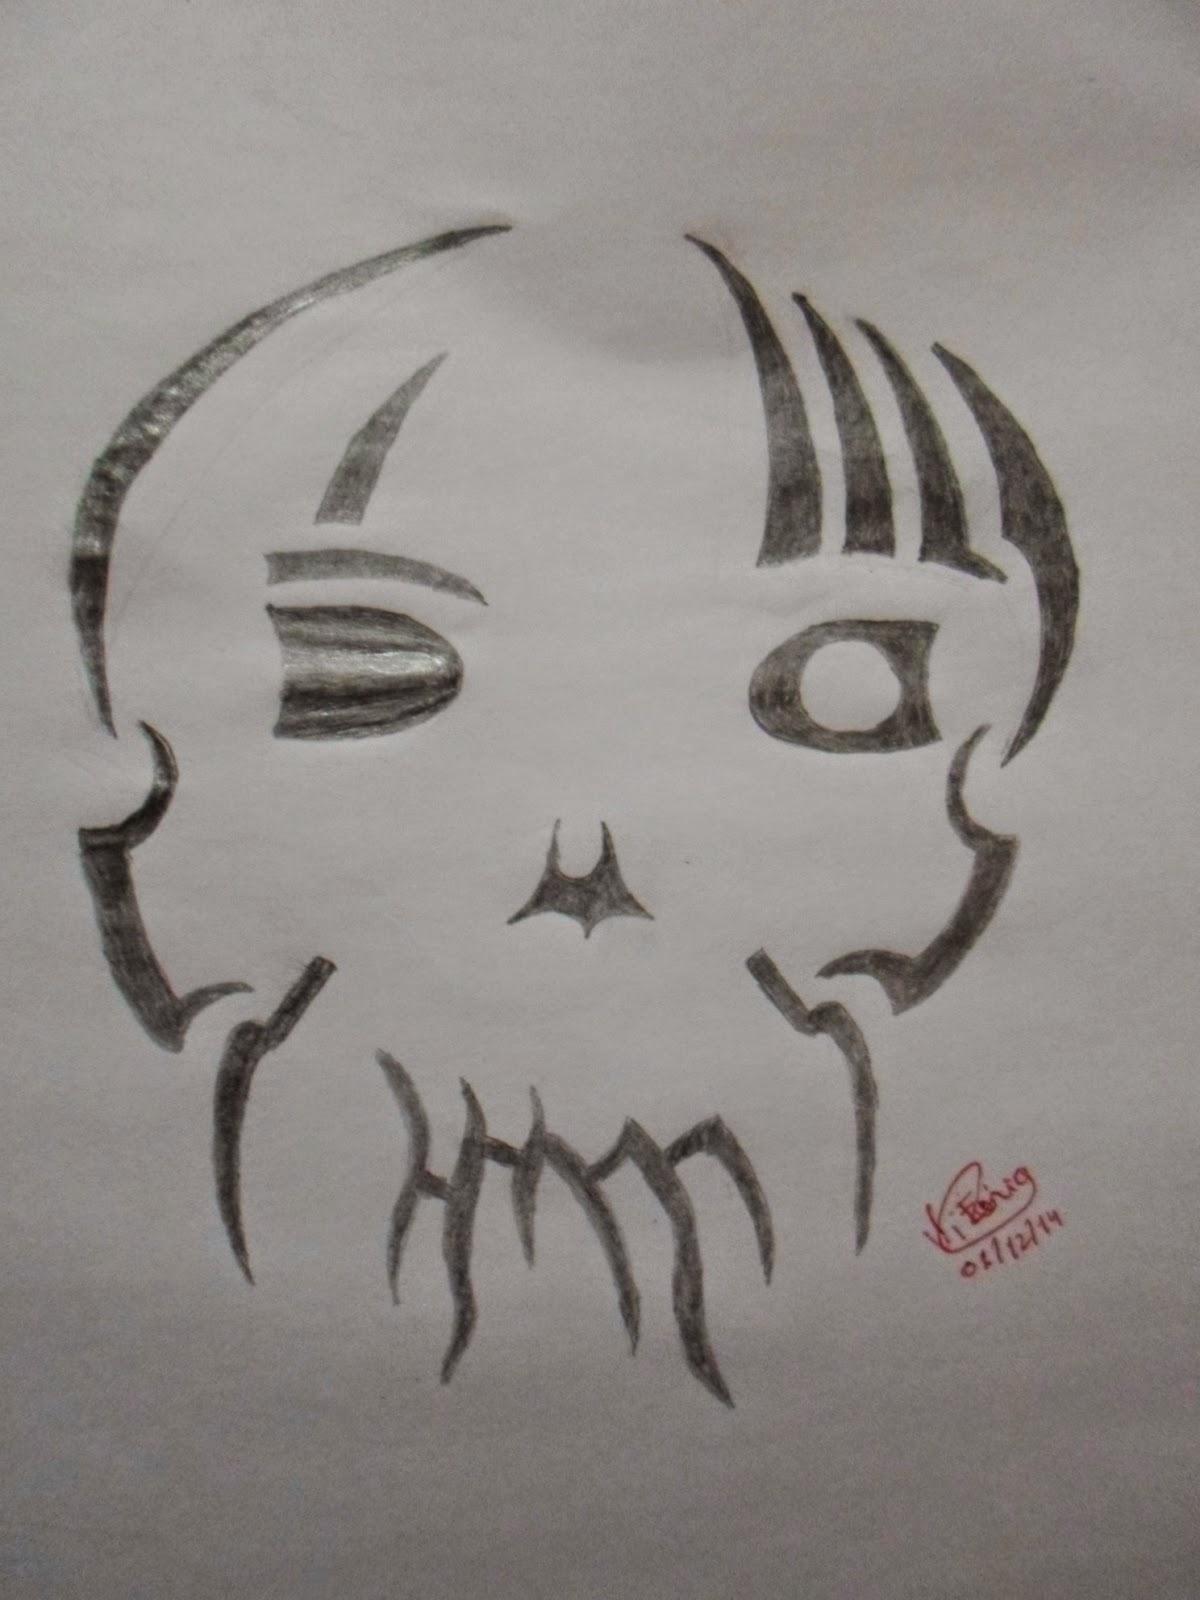 Vitt S Drawings Ando Apaixonada Por Desenhos Tribais Hsauhsau Ai